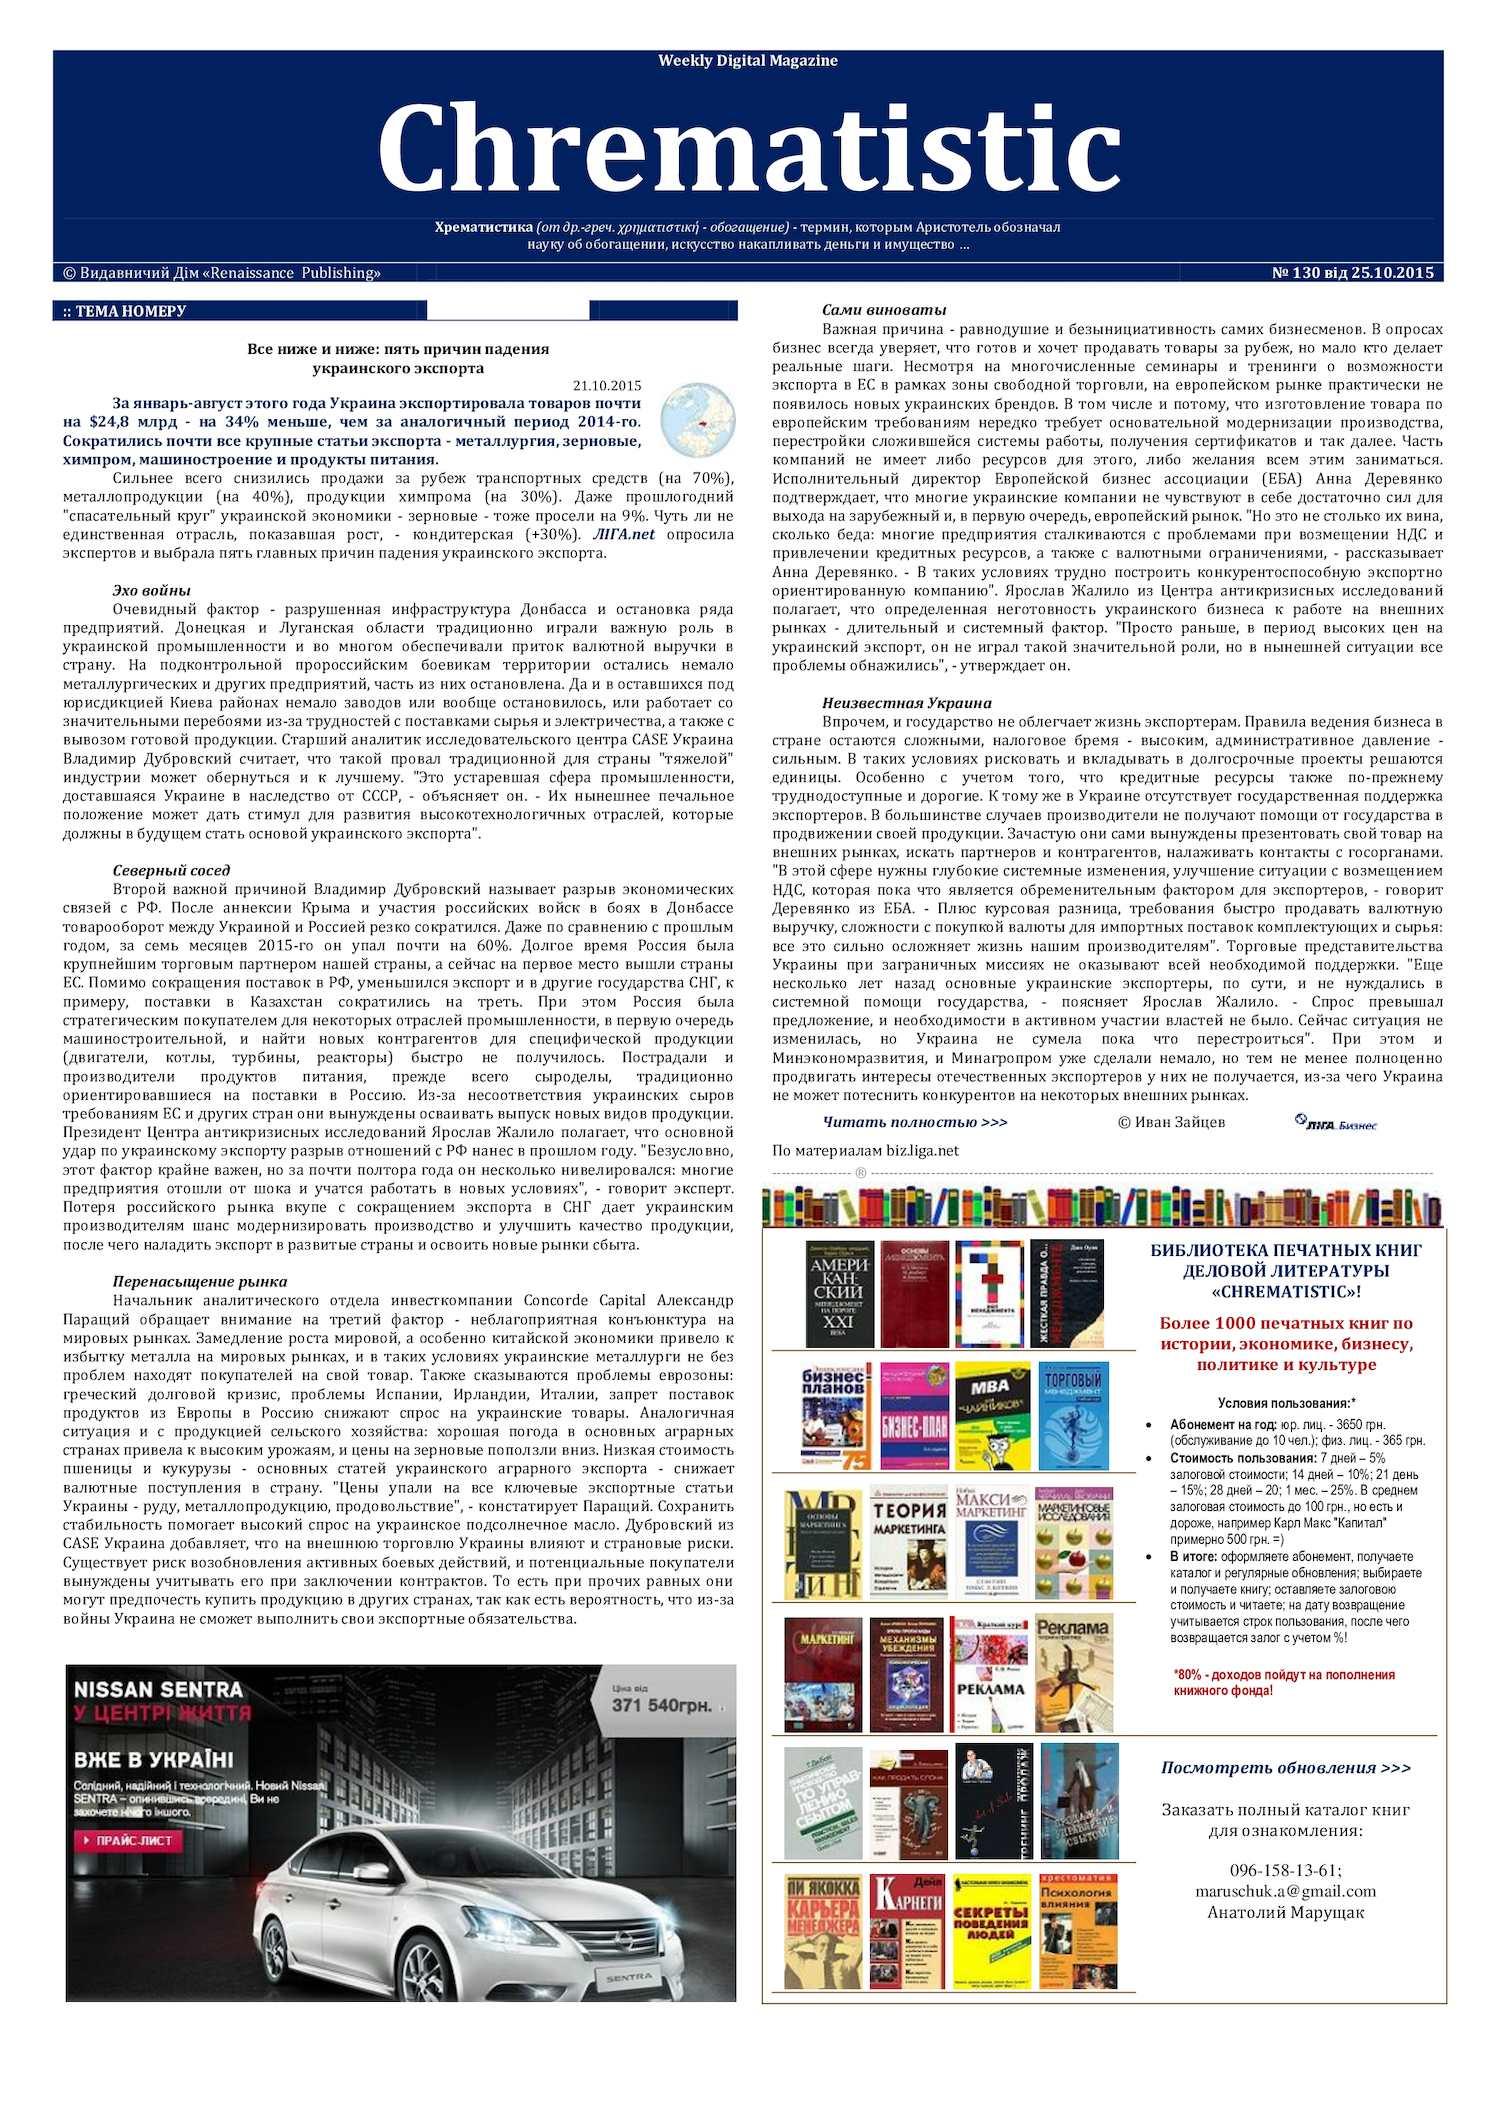 Calaméo - №130 Wdm «Chrematistic» от 25 10 2015 914a4ed2f992d